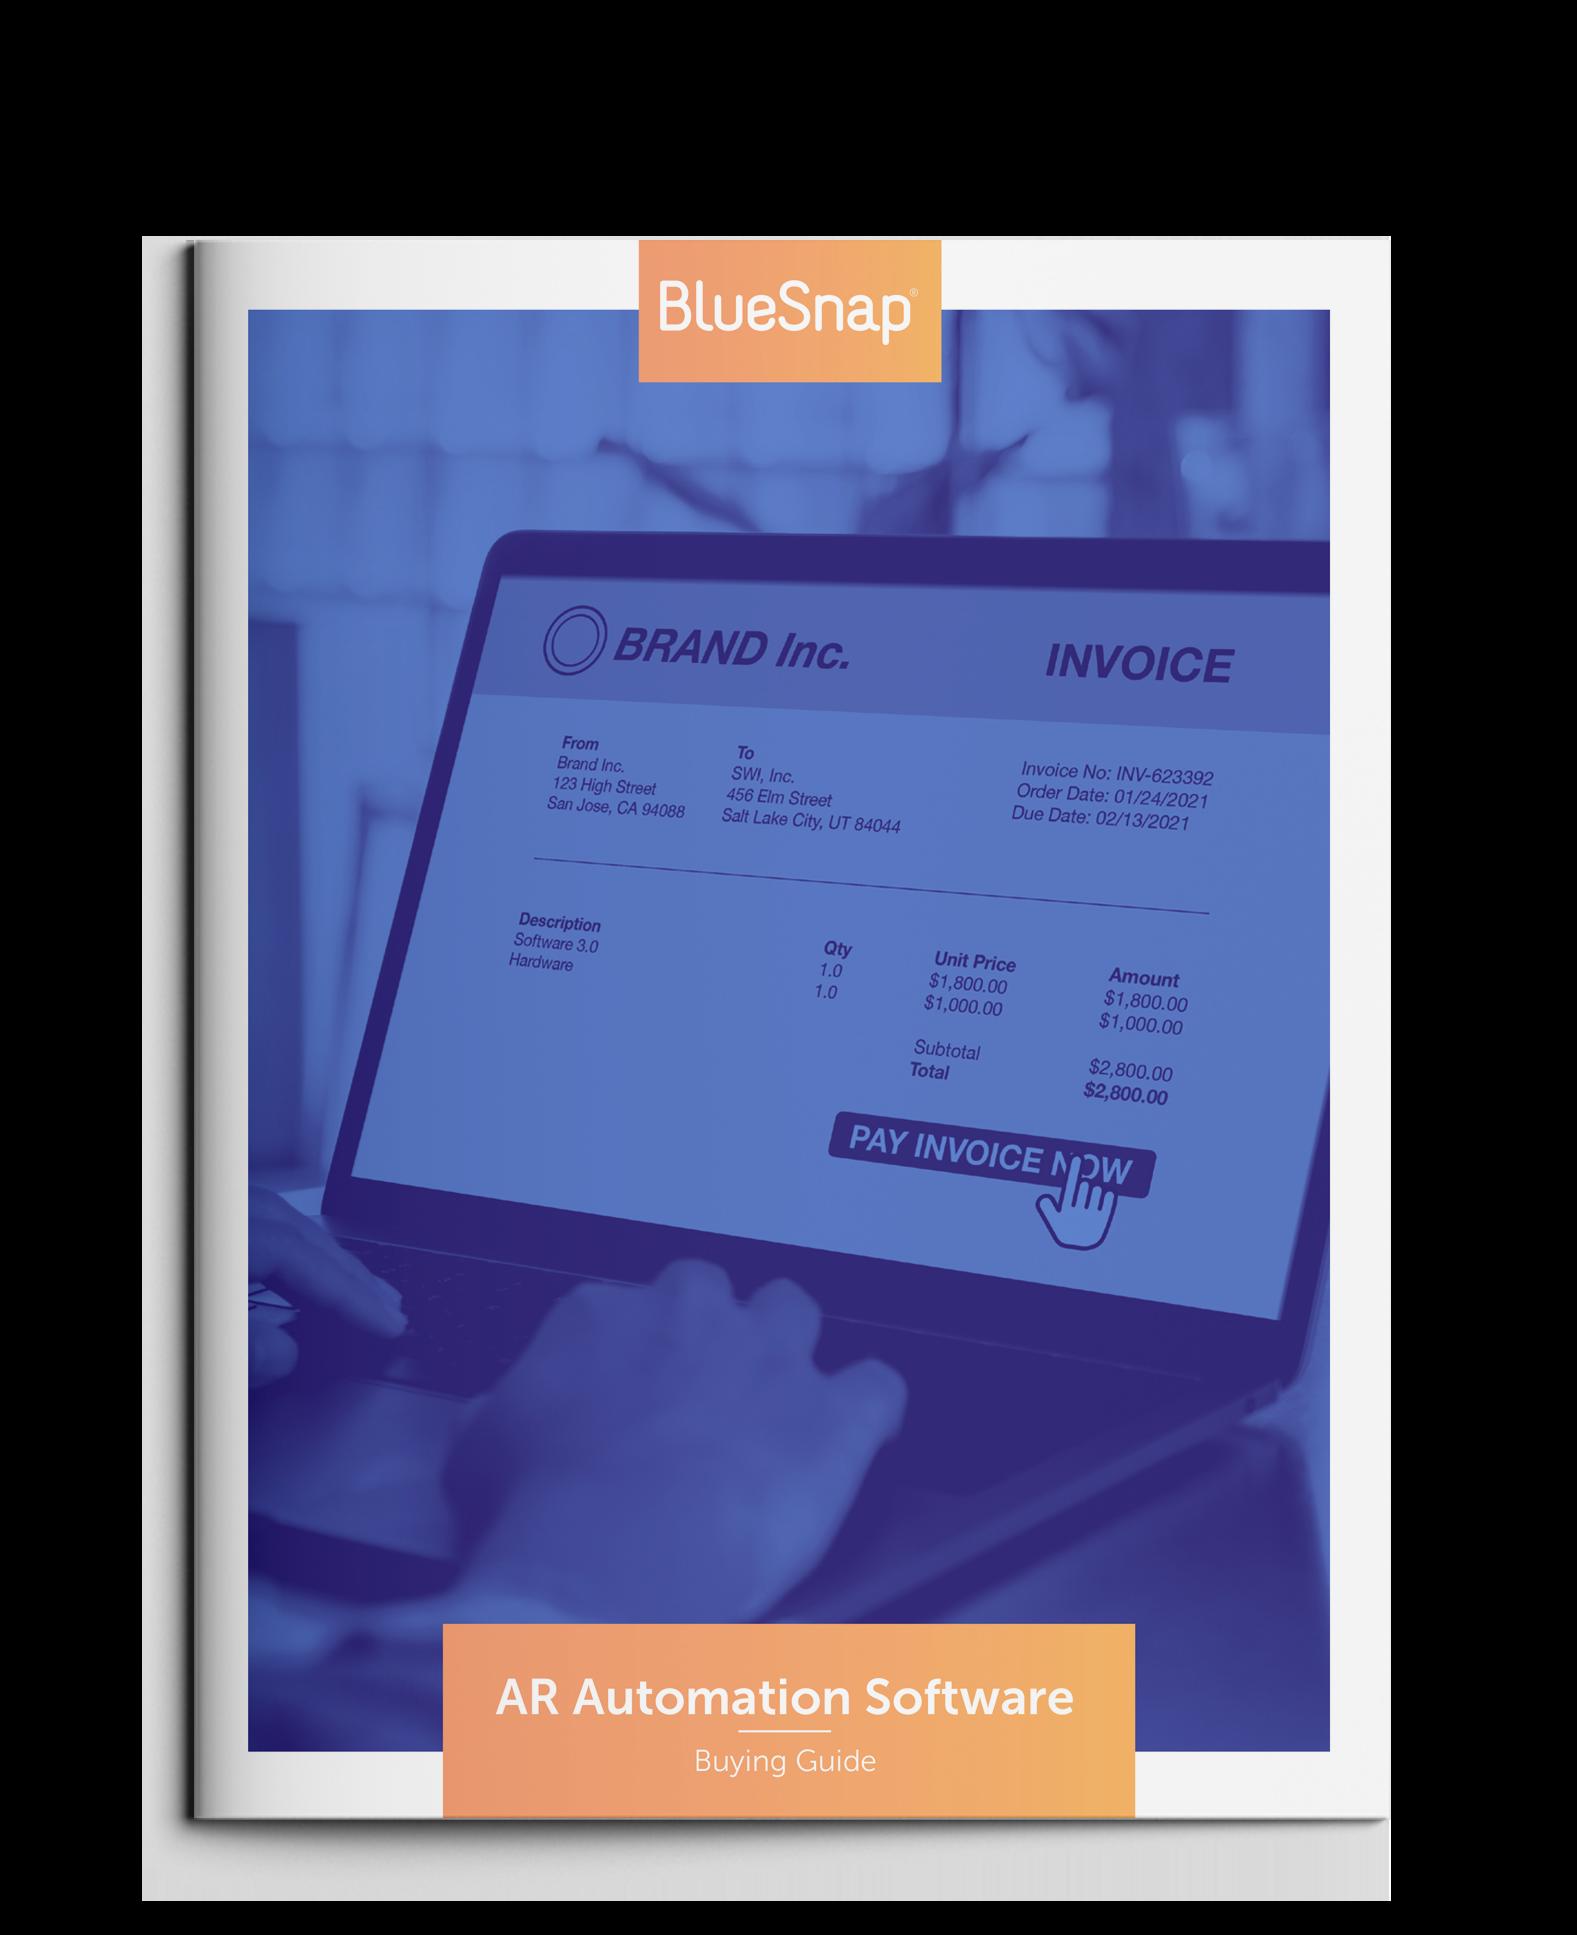 web_lp_ar_automation_bg_cover-1